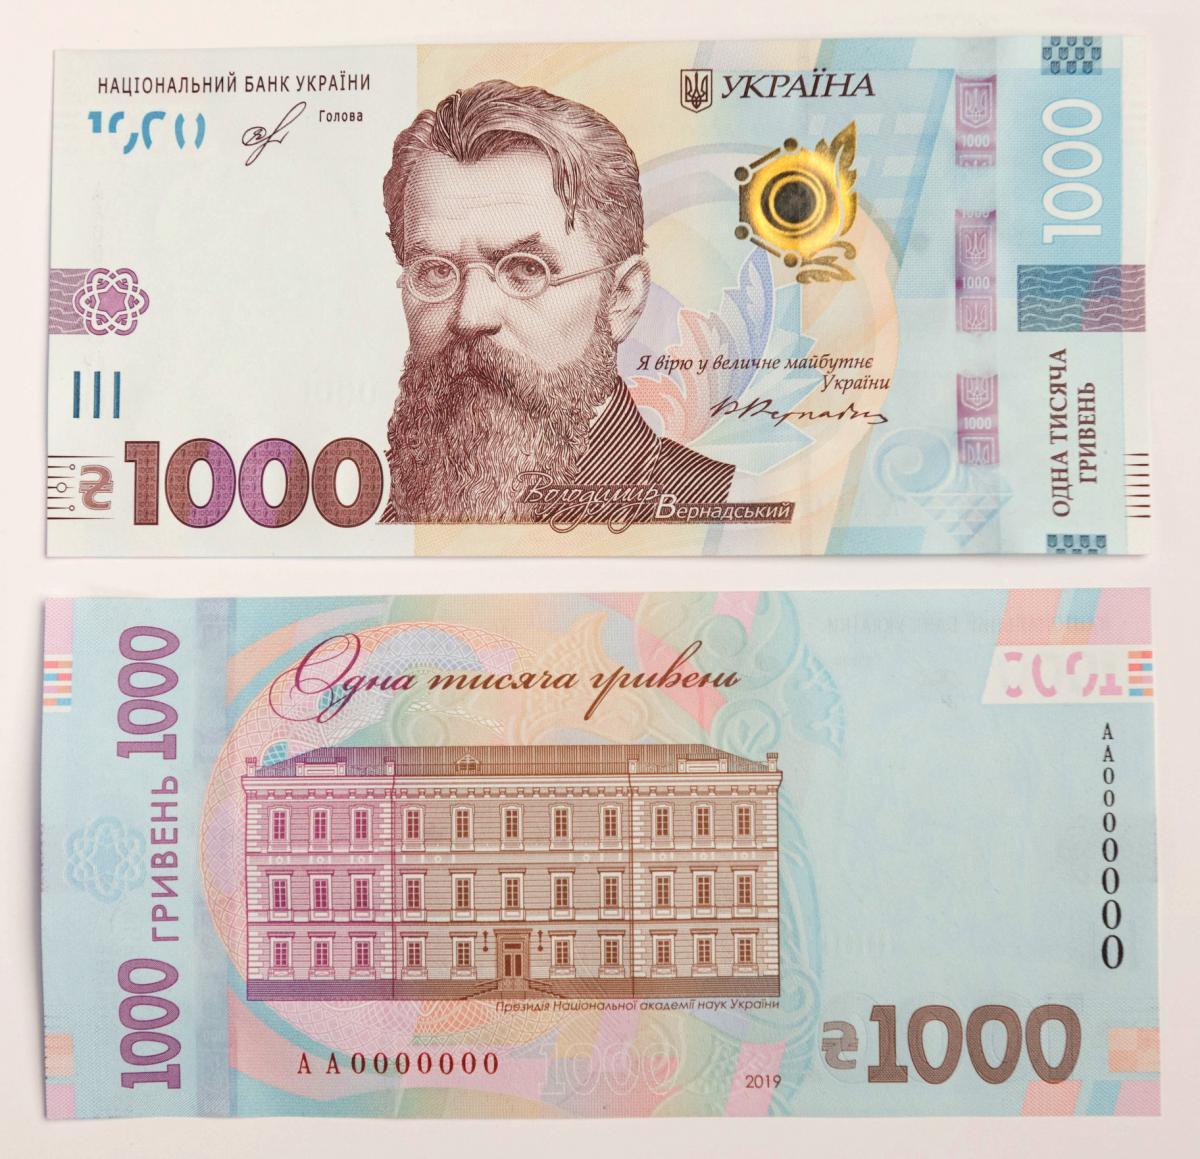 В Украине вводят новую банкноту в 1000 гривен